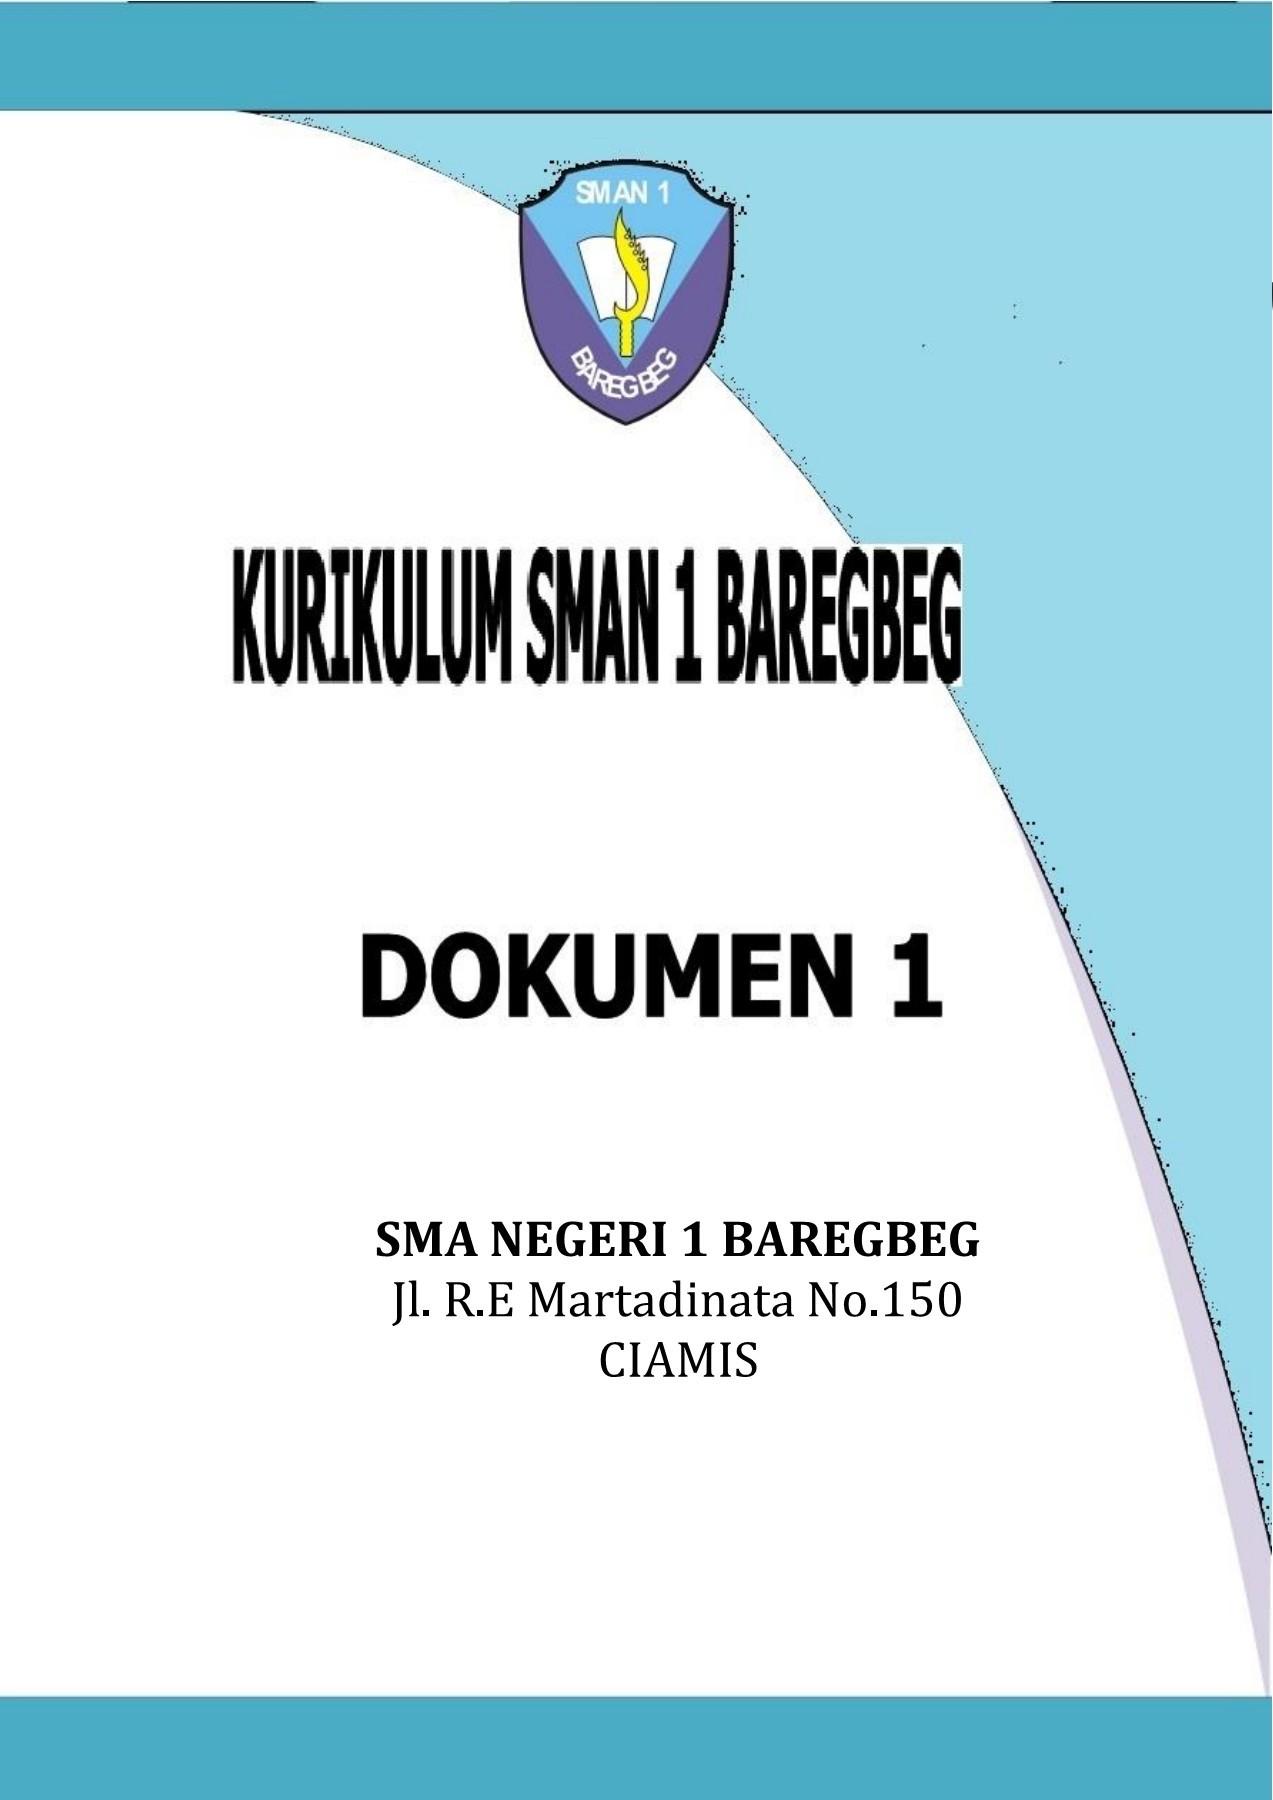 Dokumen 1 Kurikulum 2013 Sma : dokumen, kurikulum, Dokumen, Kurikulum, Revisi, Sekolah